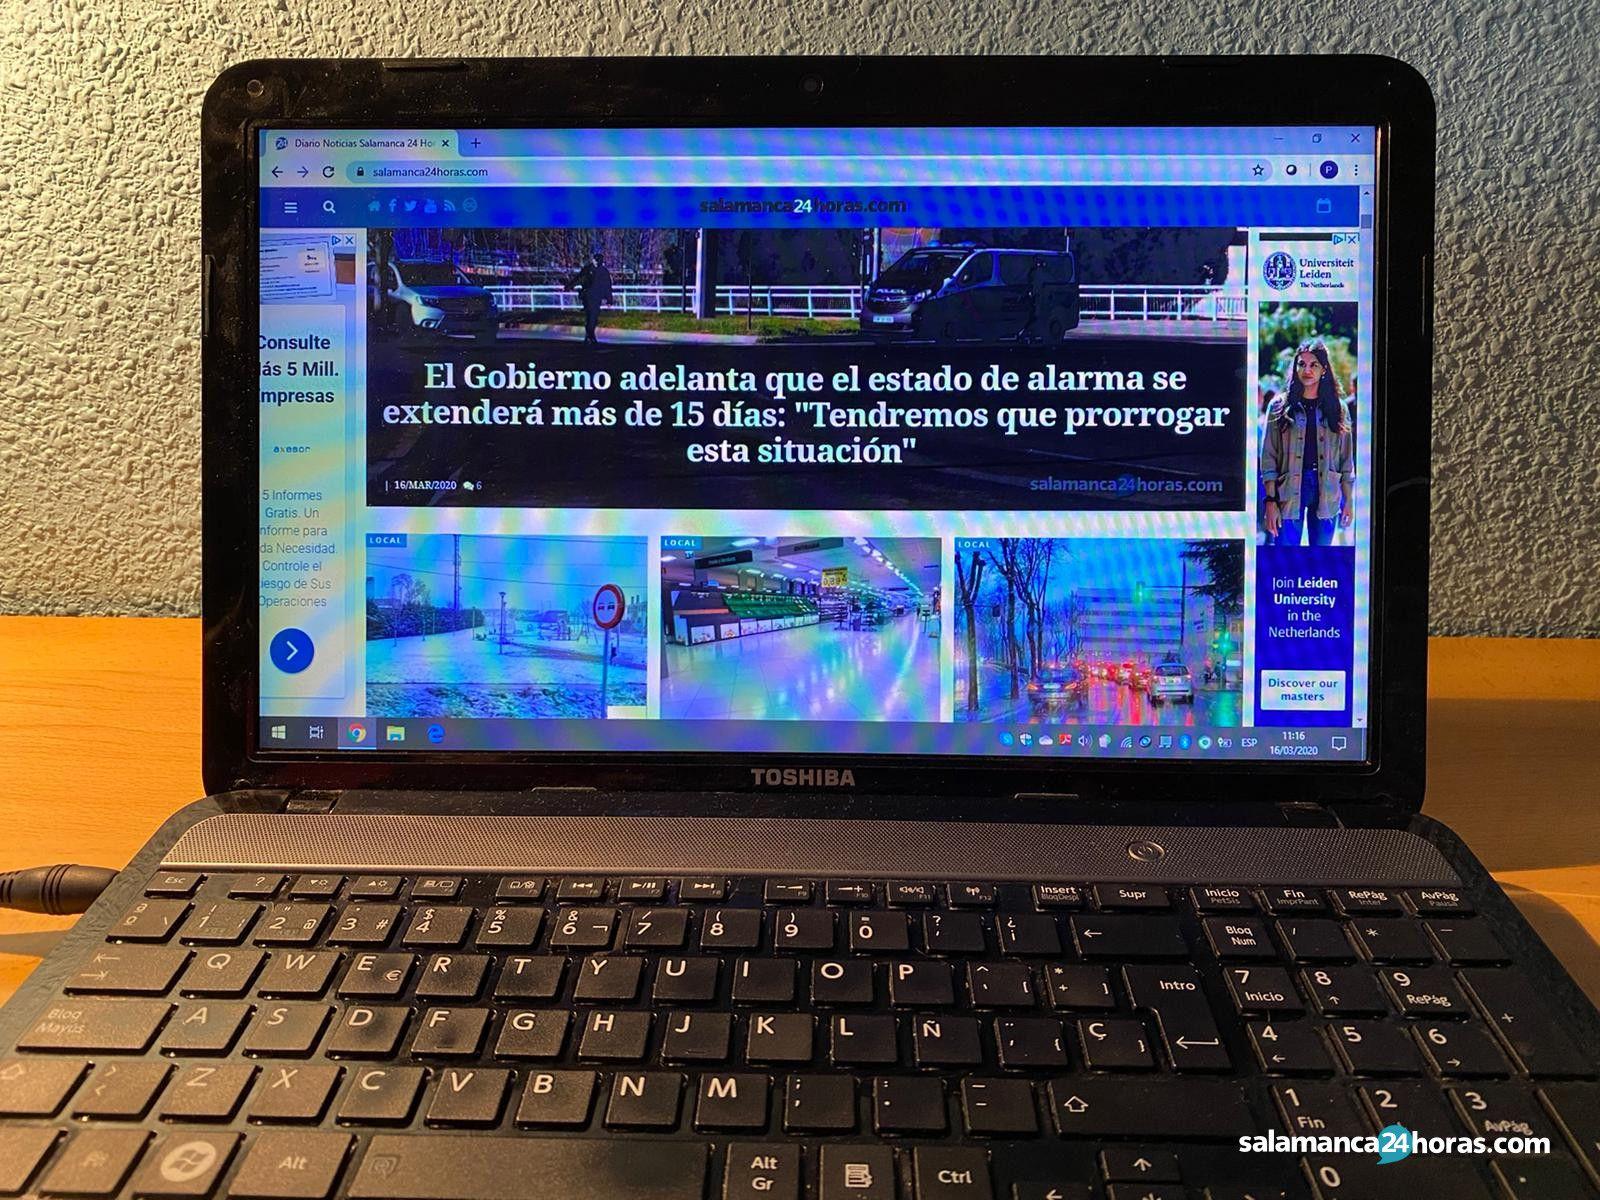 Teletrabajo Salamanca24horas